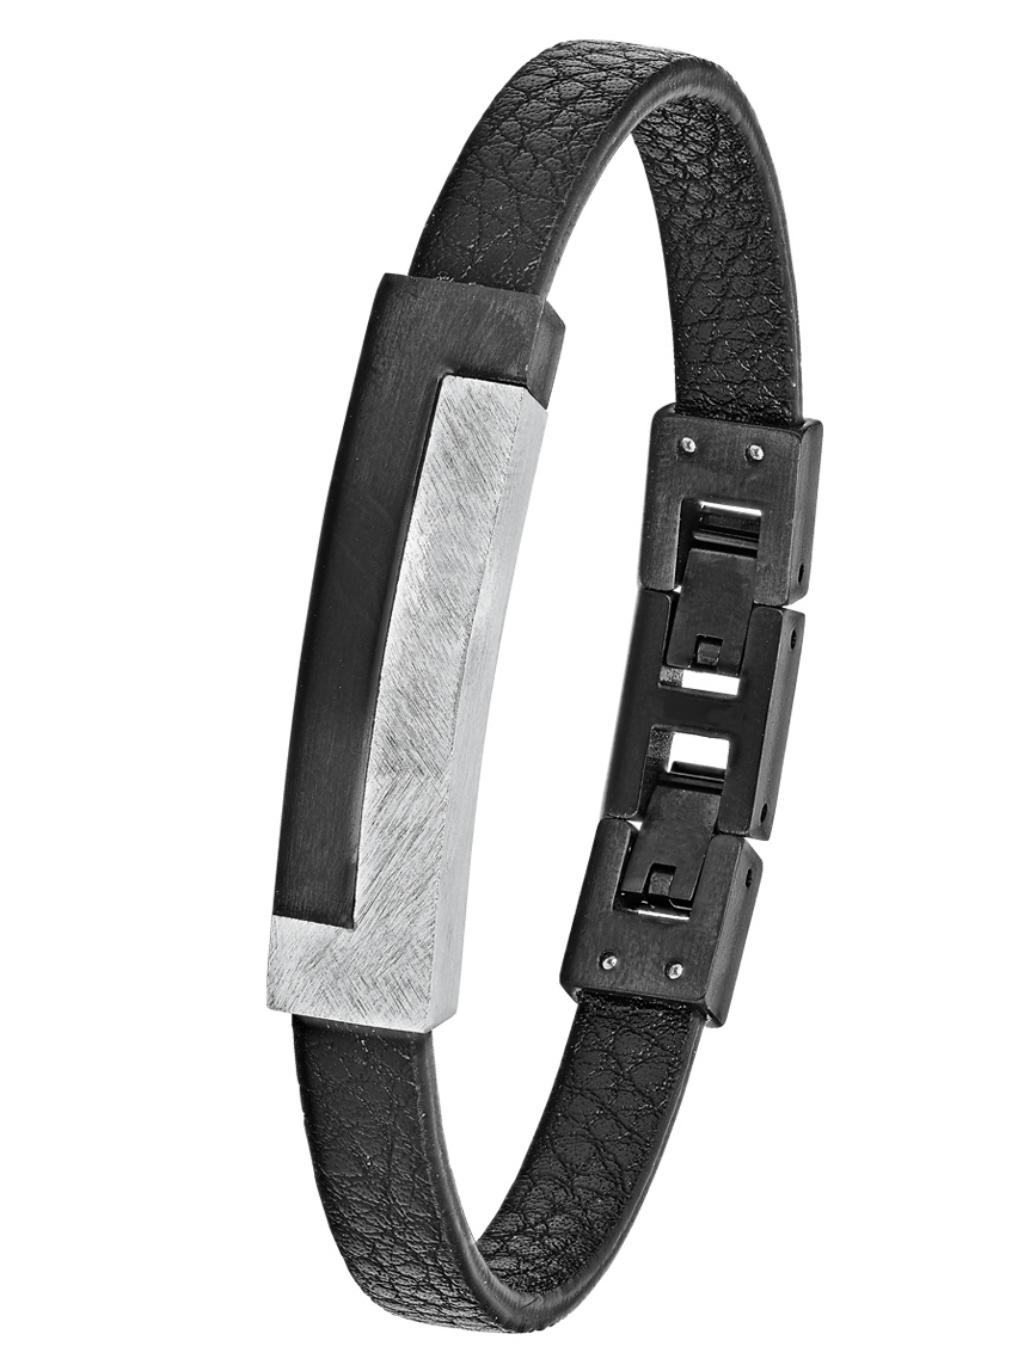 Turnschuhe neueste Kollektion bis zu 80% sparen s.Oliver 2024241 Herren Armband Edelstahl Silber 21, 5 cm